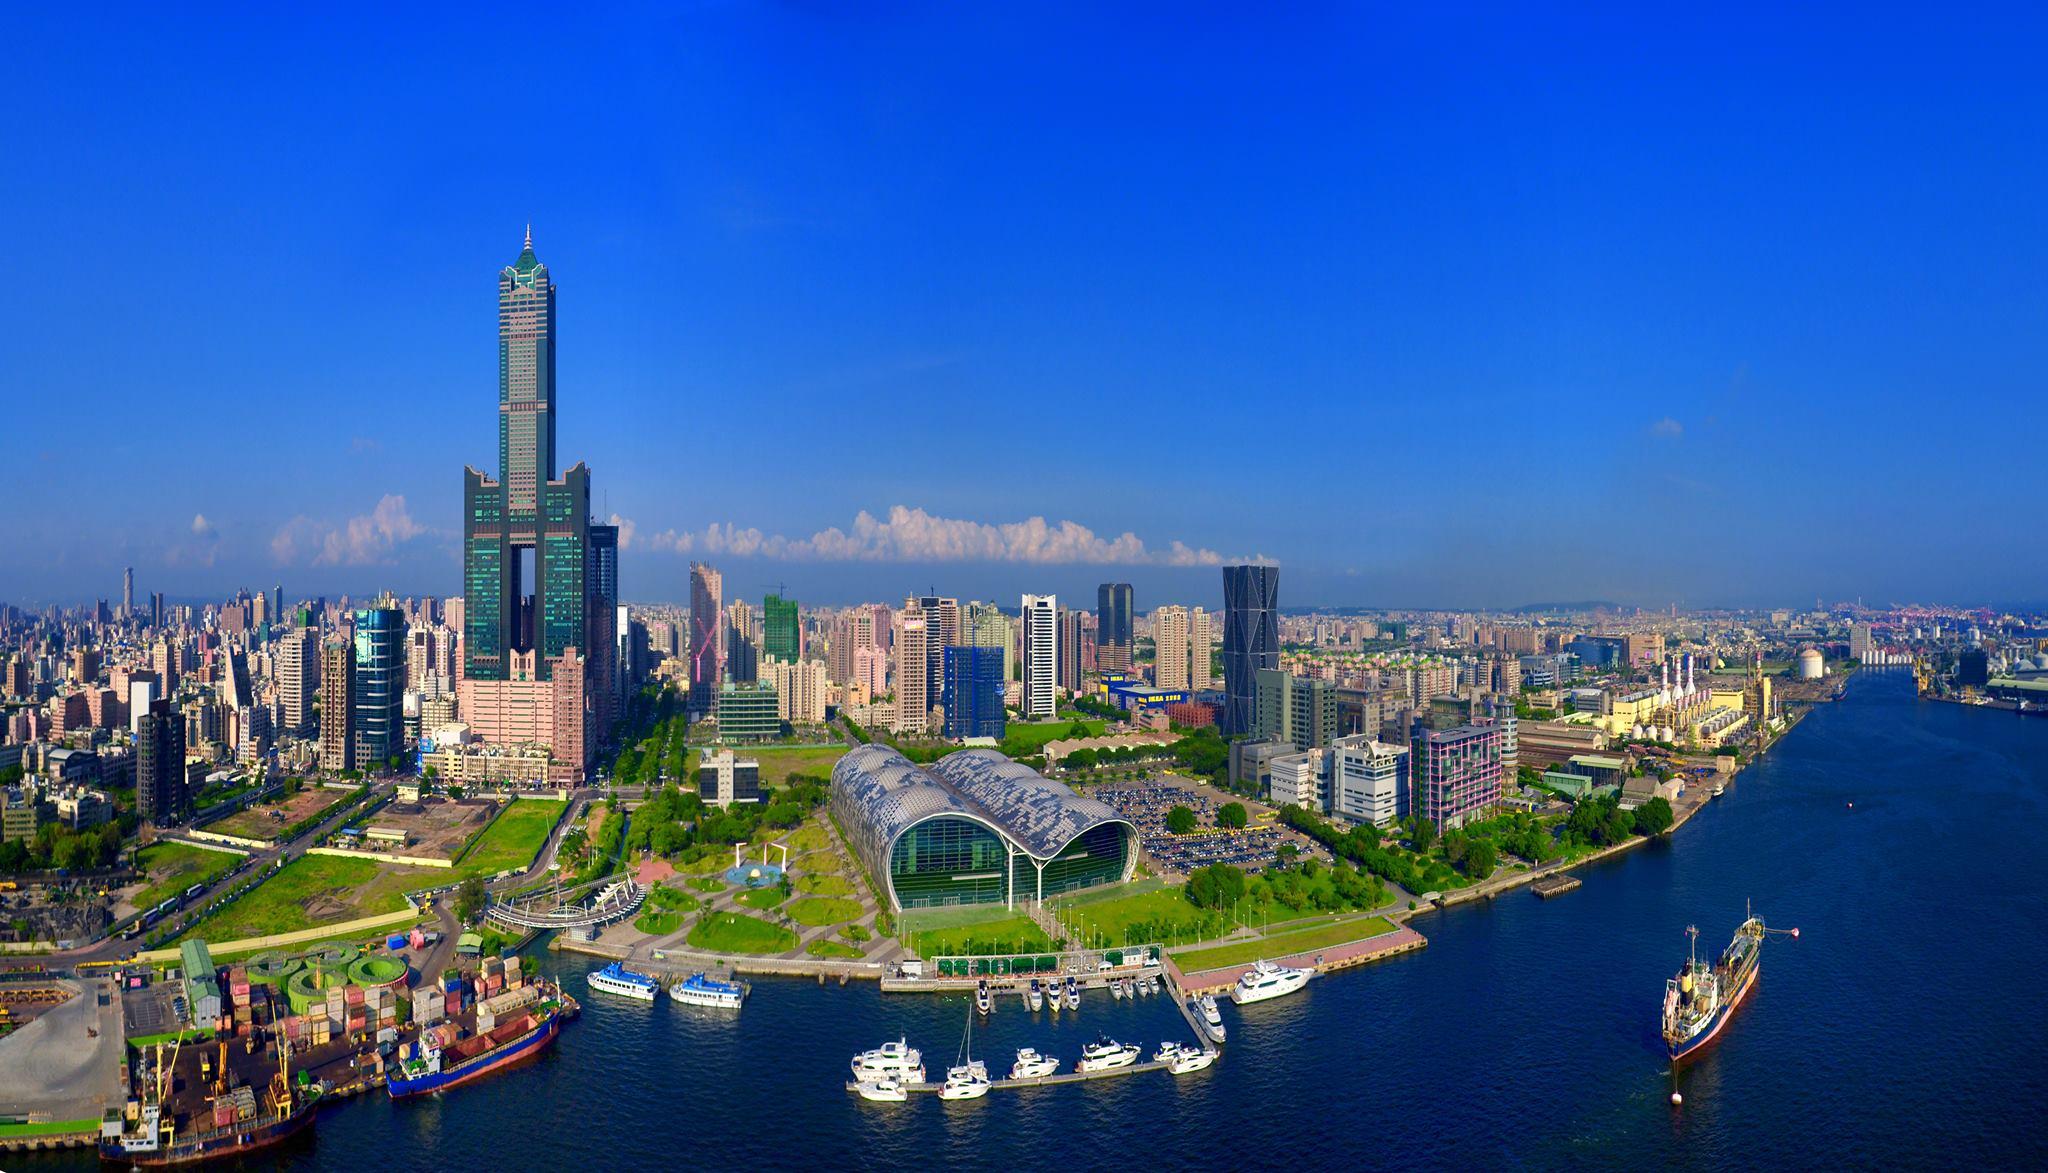 高雄城市港口海景